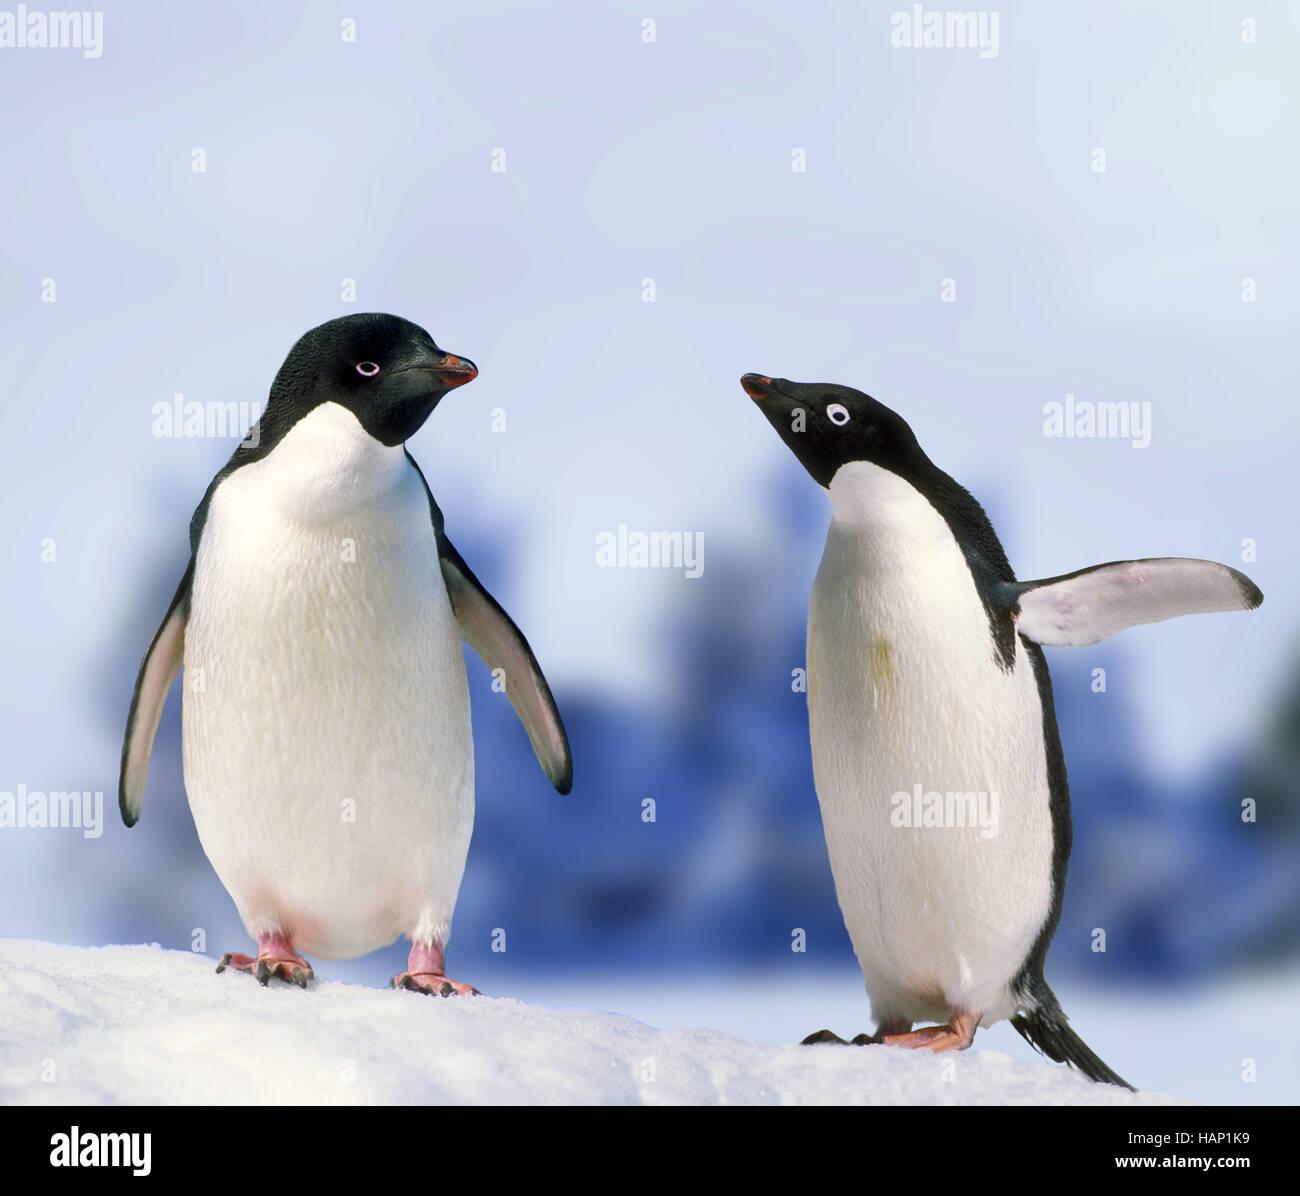 pinguin, spheniscidae, penguin - Stock Image